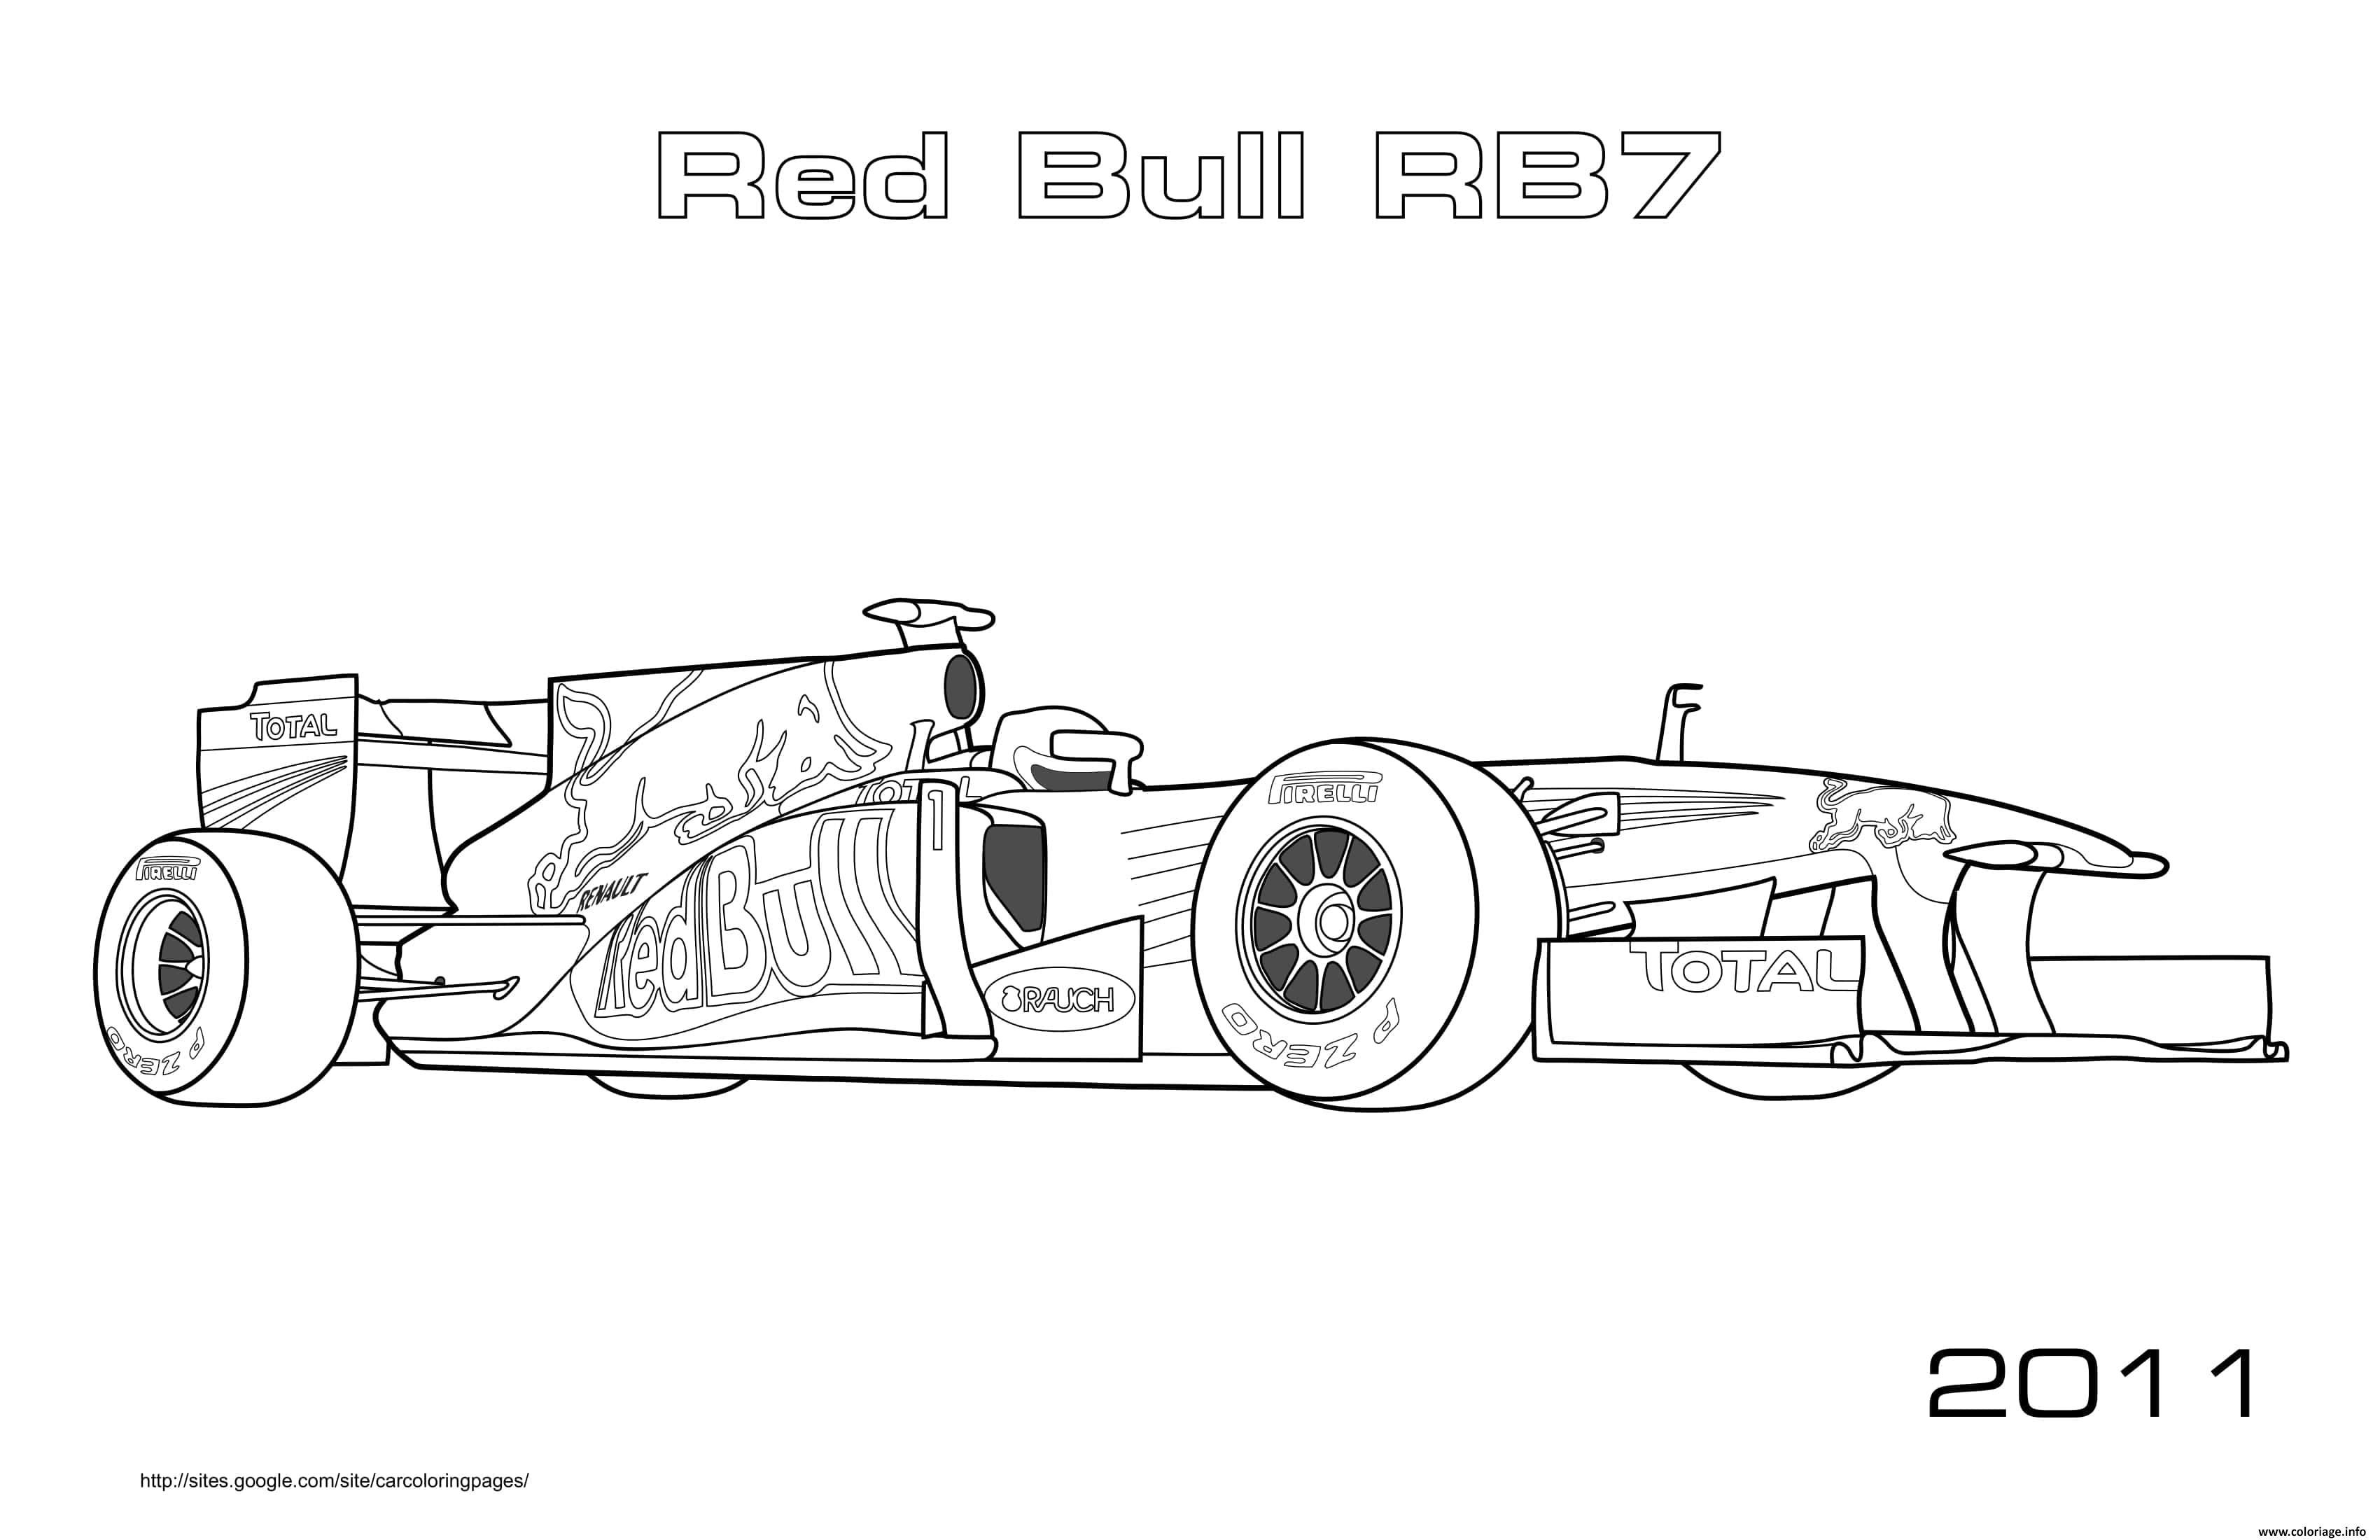 Dessin F1 Red Bull Rb7 2011 Coloriage Gratuit à Imprimer